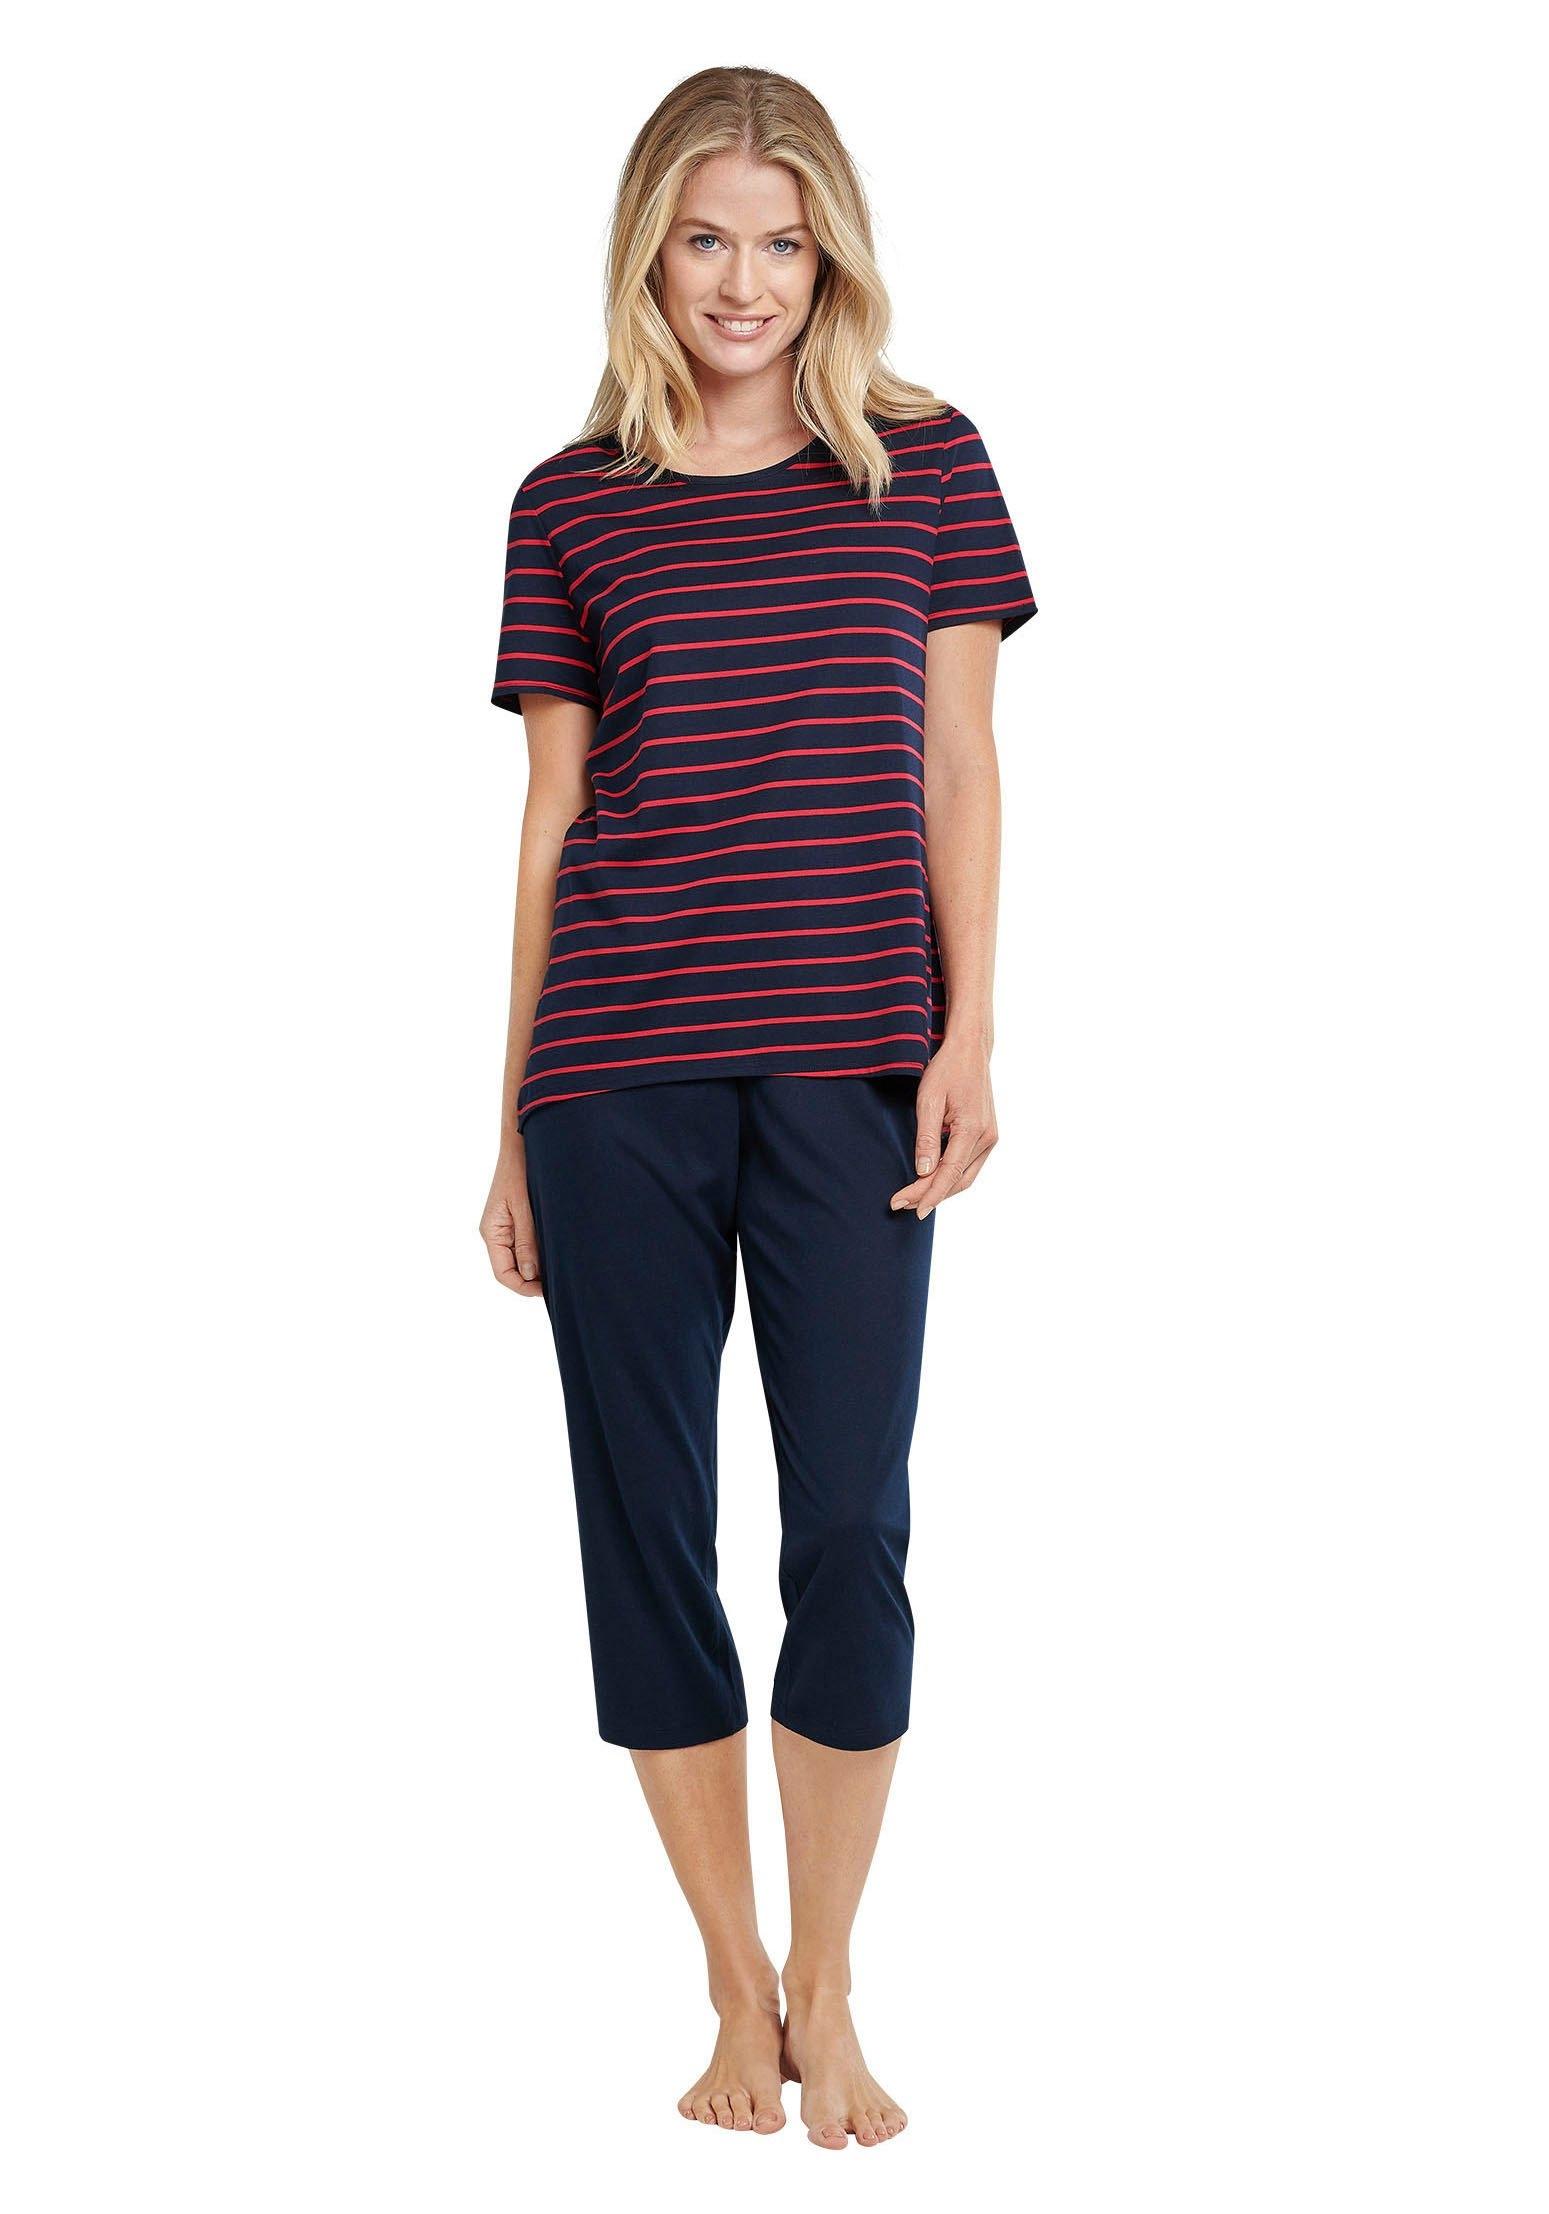 Schiesser capripyjama nu online kopen bij Lascana